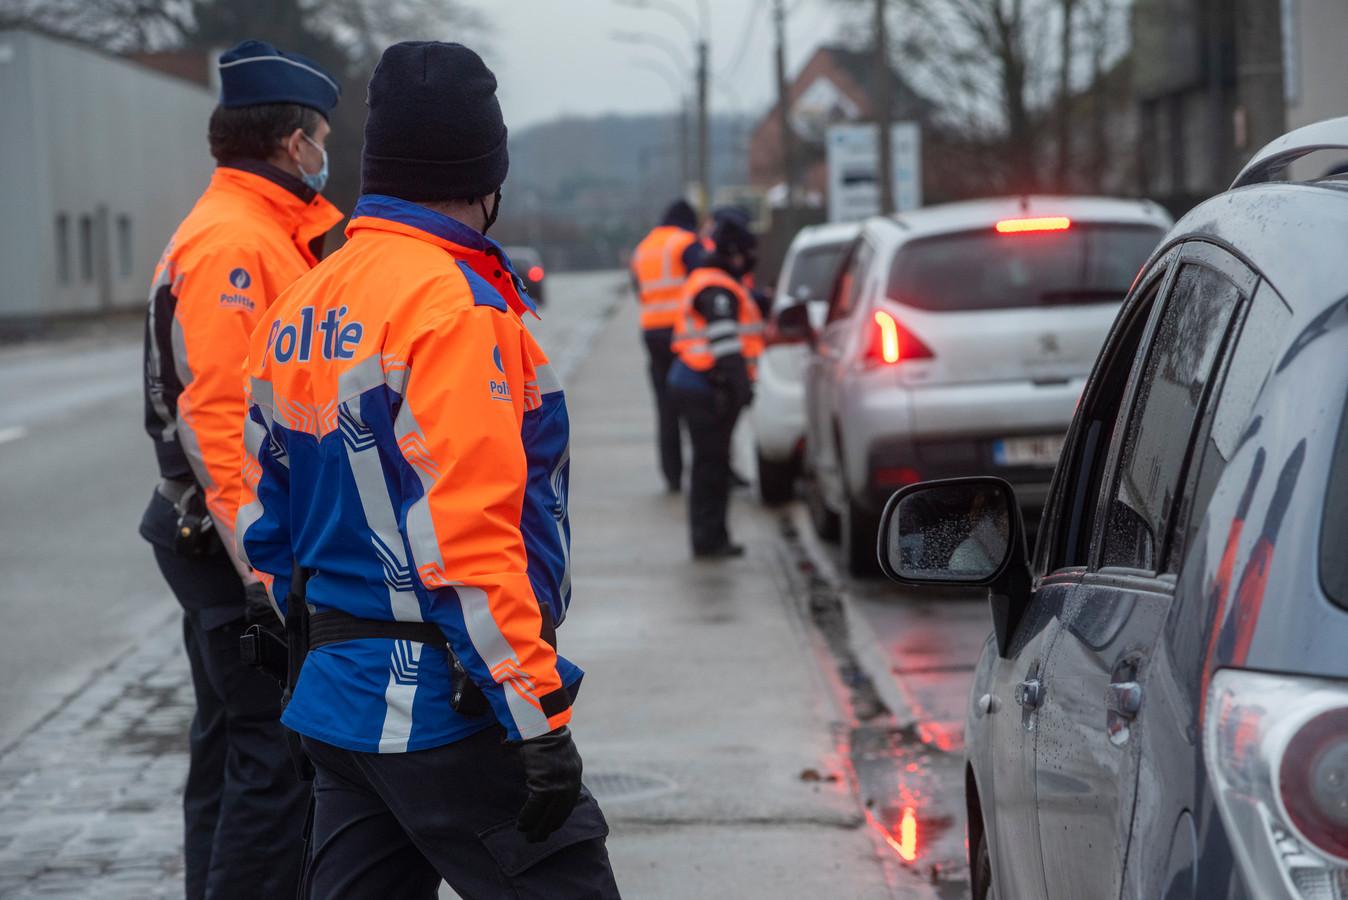 Politiecontrole weekend zonder alcohol in de politiezone Wetteren, Laarne en Wichelen.